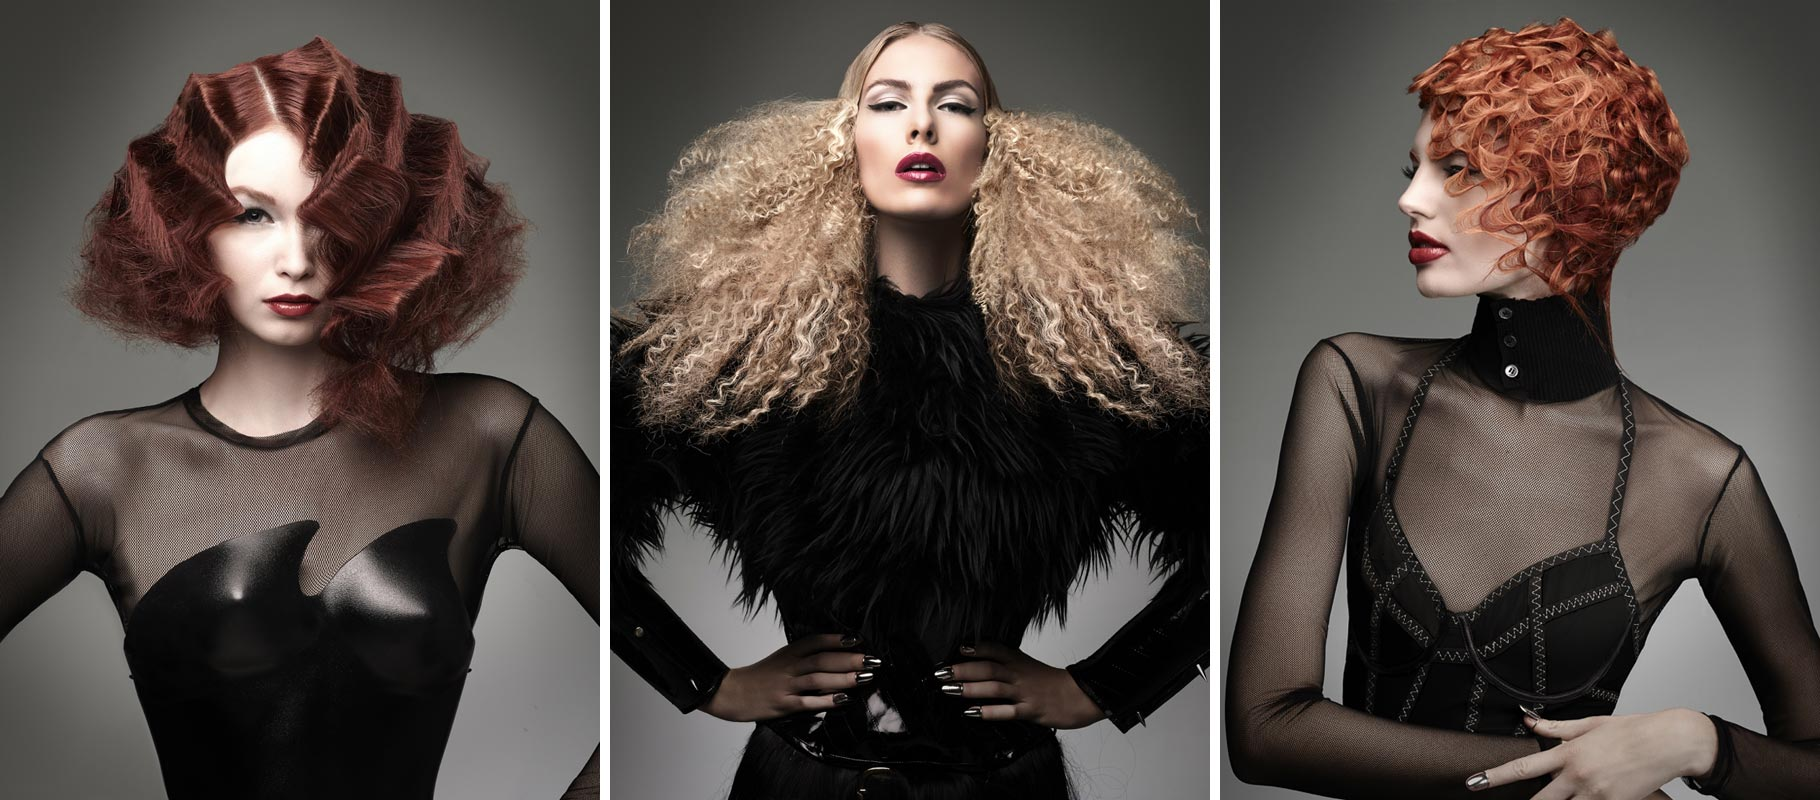 Hra s texturou vlasů dodá noblesným společenským účesům zvláštní šarm a jedinečnost. Zkuste plesové účesy 2015 ozdobit právě texturou. Inspirujte se třeba americkým designérem Dilek Onur Taylor a jeho soutěžní kolekcí NAHA 2014 v kategorii Texture.